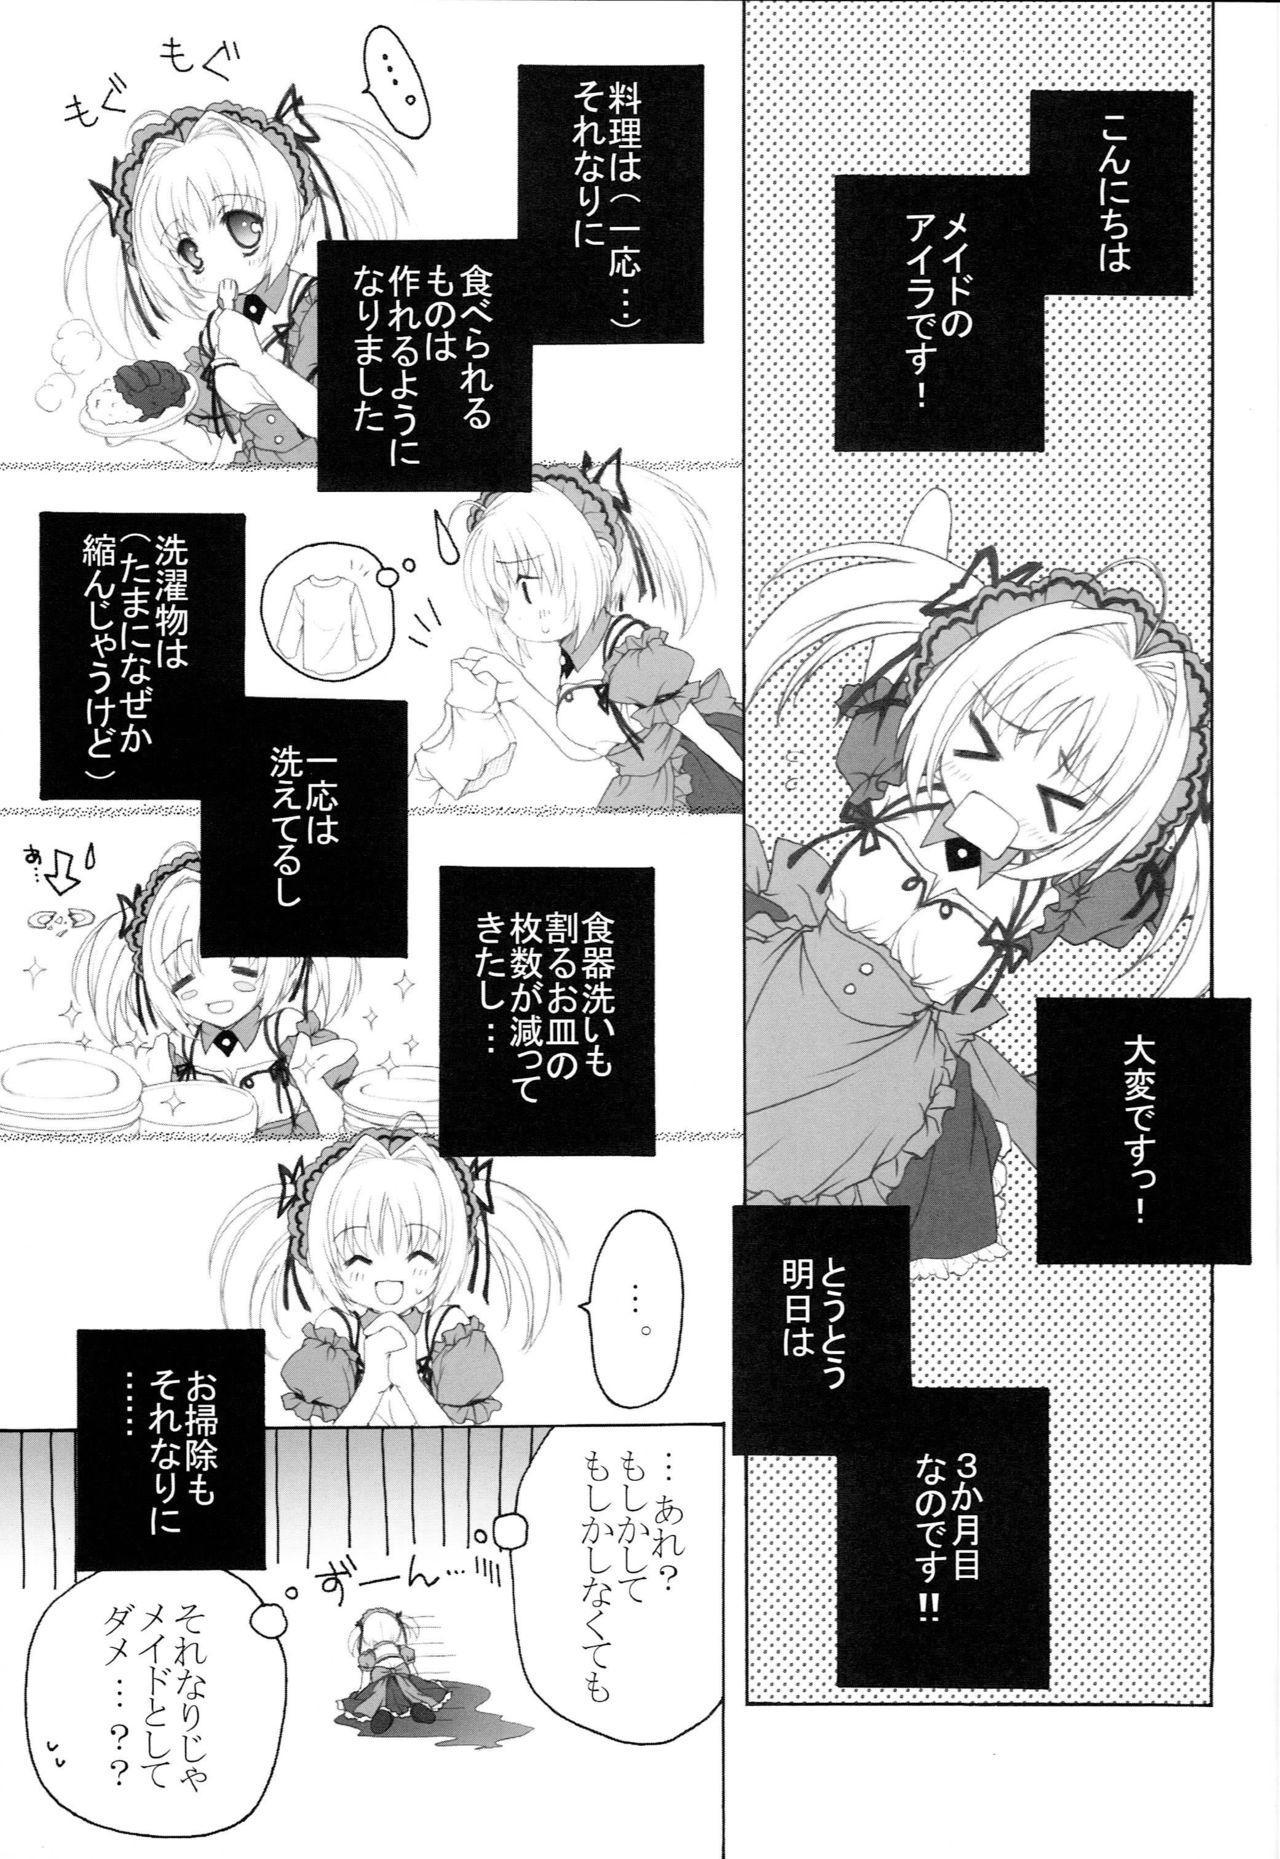 Maid no Susume!? 2 3